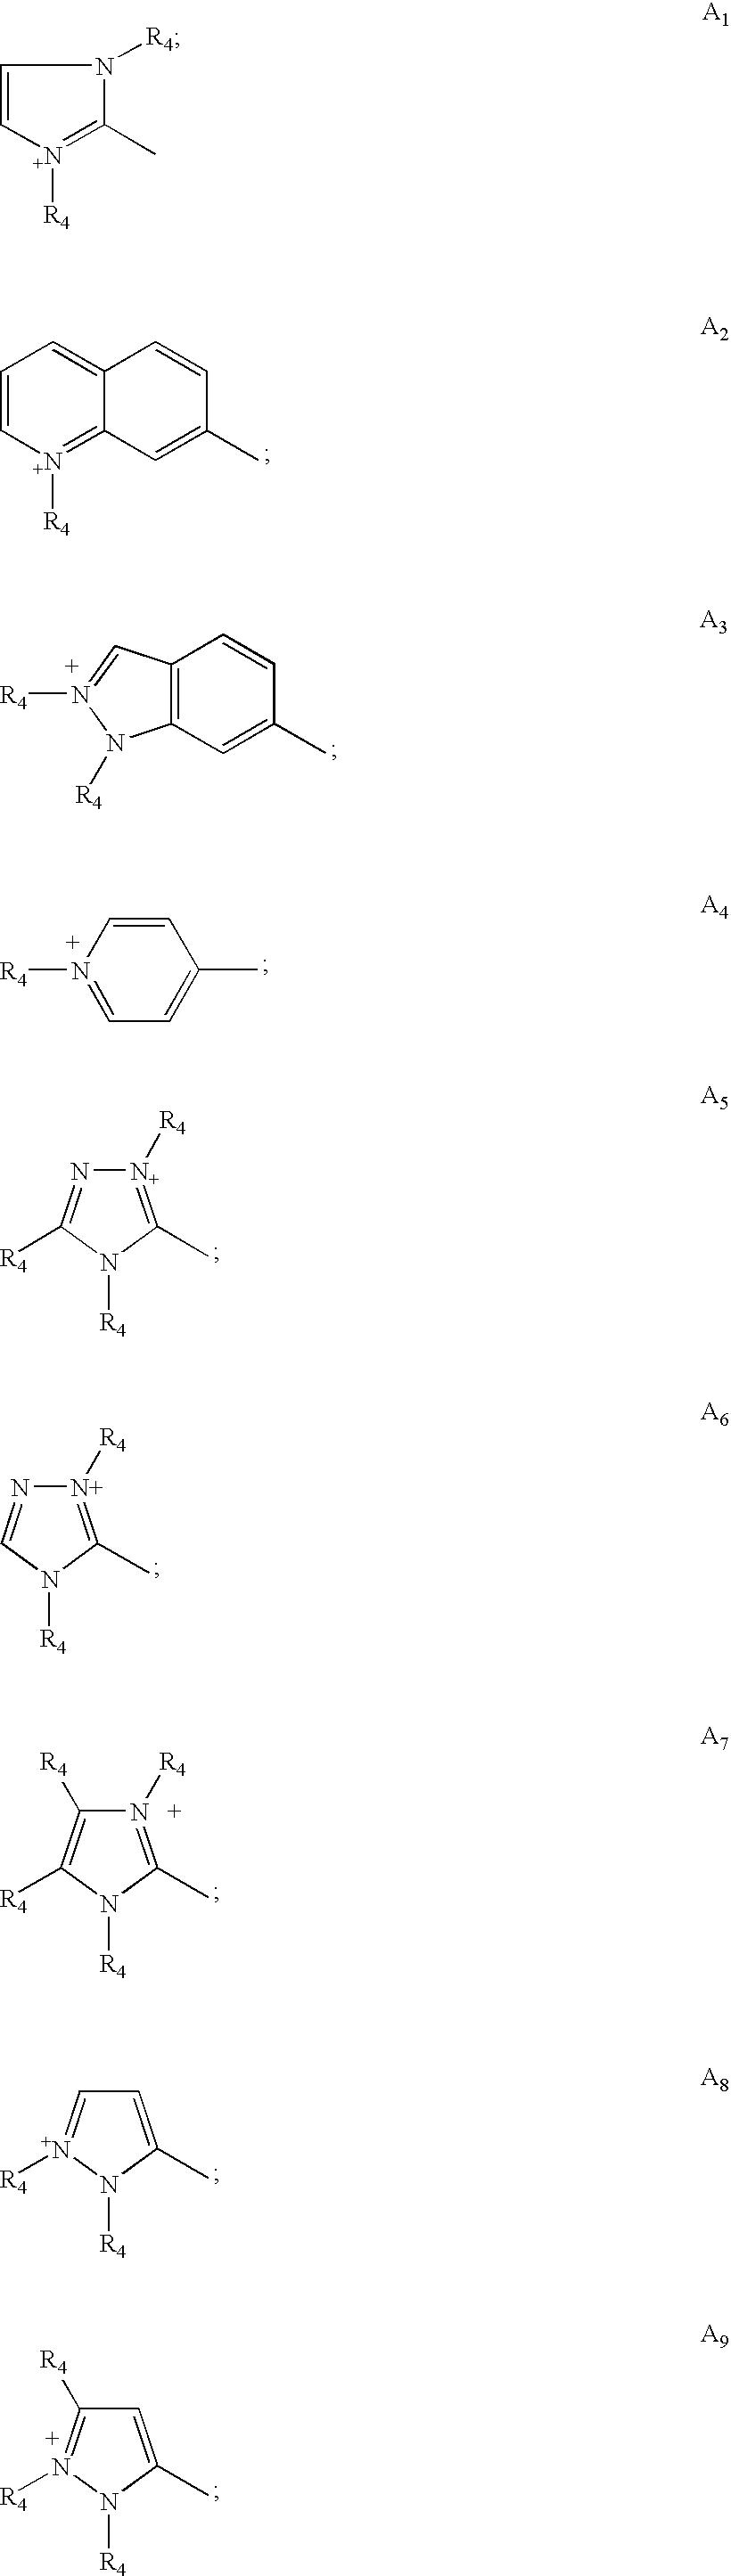 Figure US20100175706A1-20100715-C00005